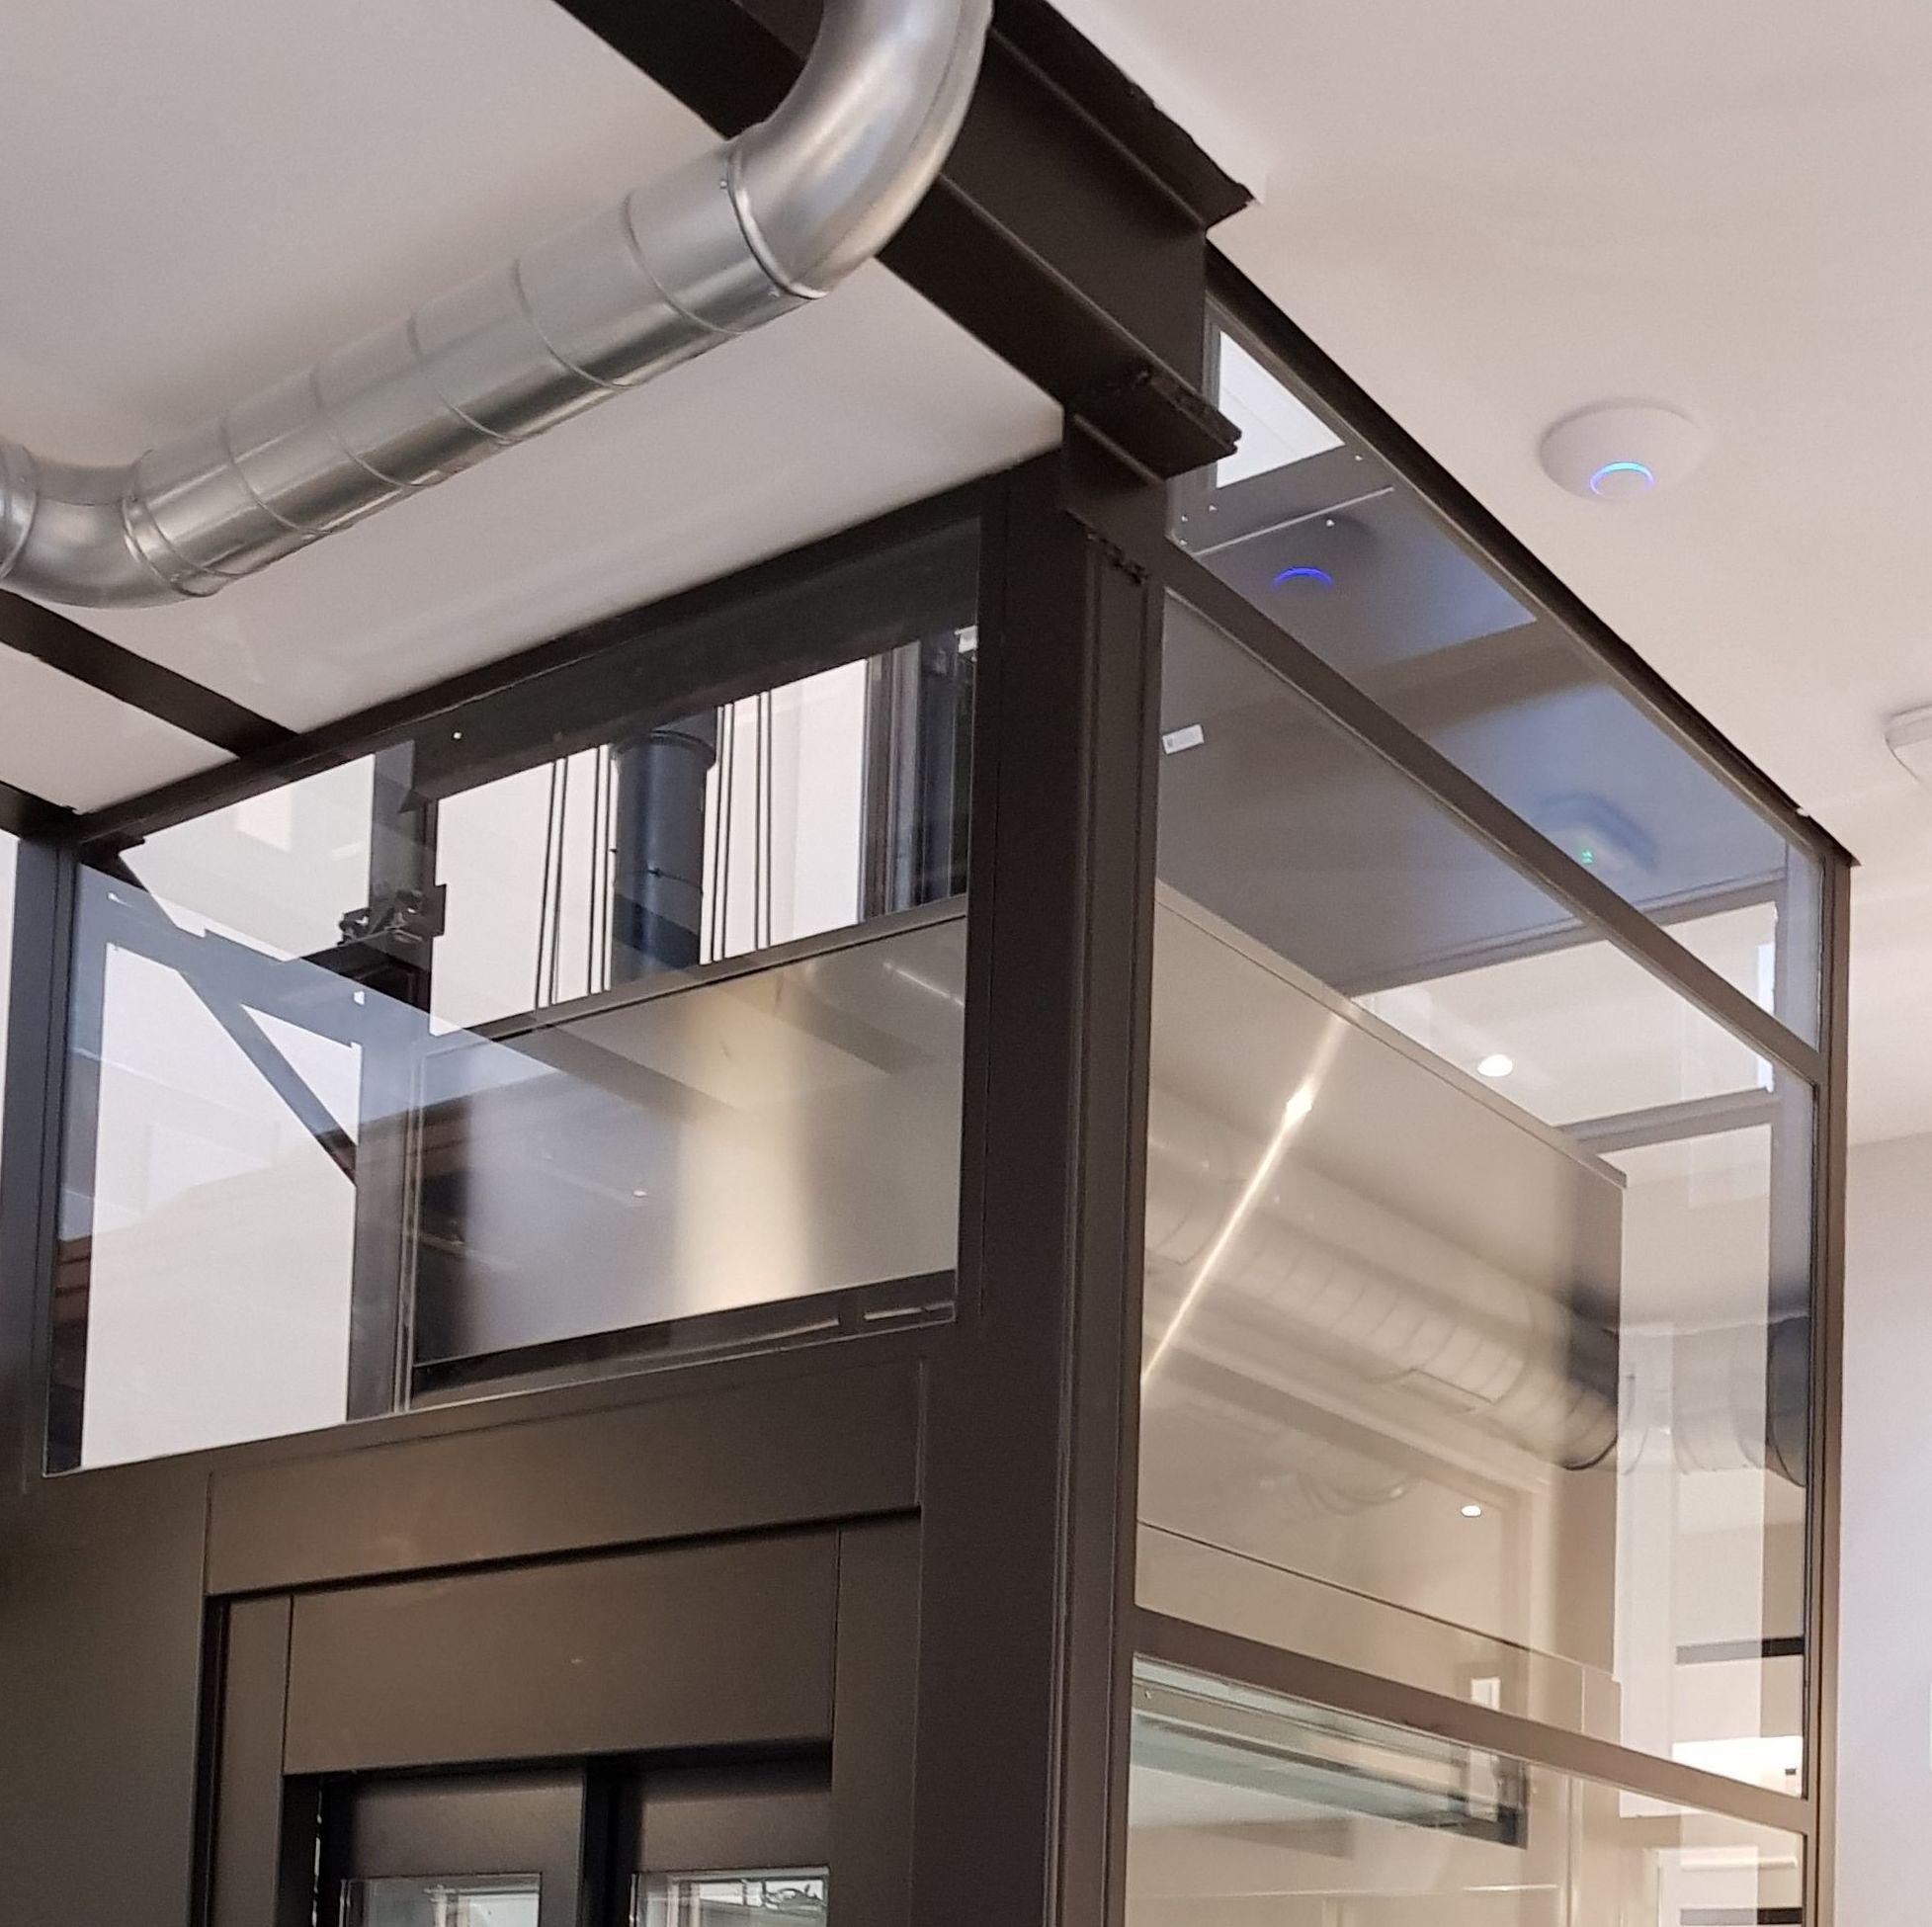 cristaleria-formas-acristalamiento -de seguridad-laminar-para ascensor